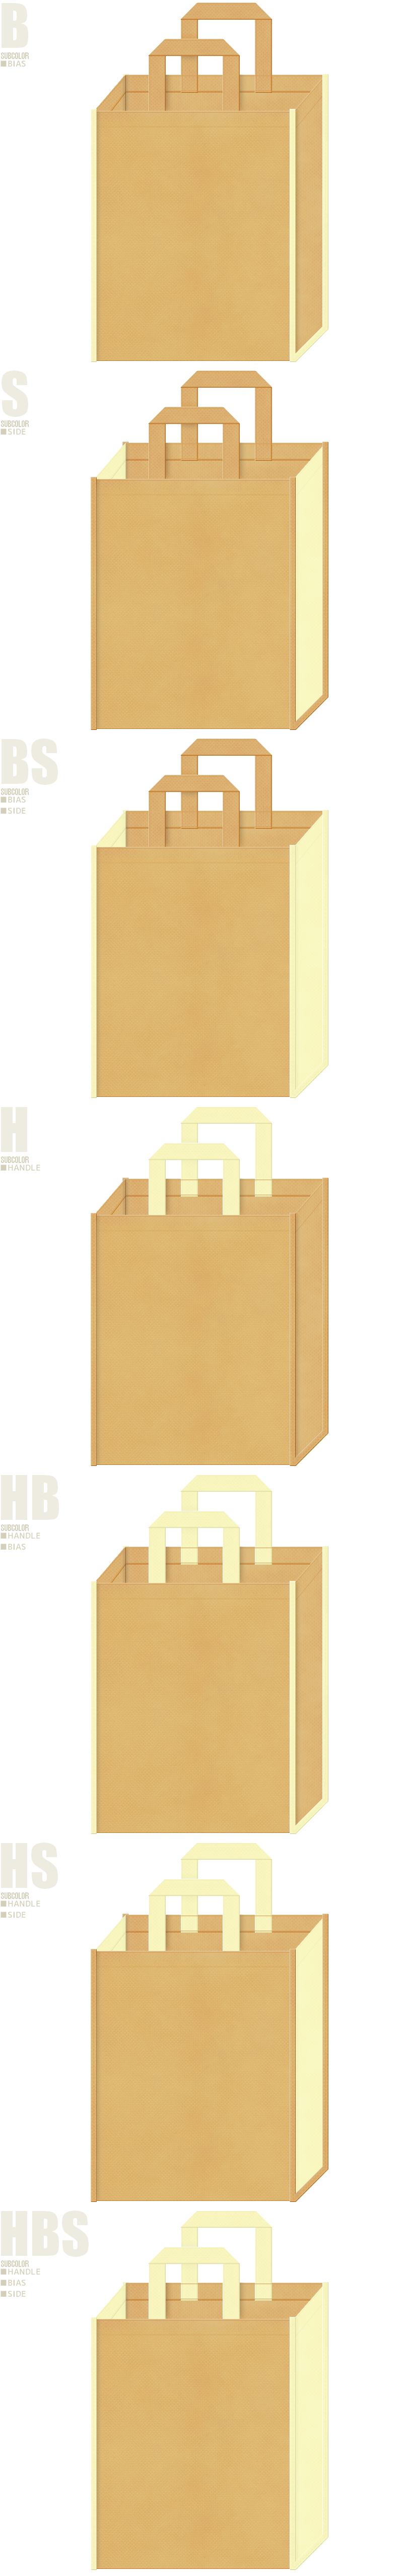 優しさ・ゆるさ・リラックス・絵本・おとぎ話・ガーリーデザイン・パステルカラー・手芸・ぬいぐるみ・小鹿・たい焼き・バナナクレープ・ワッフル・クッキー・マーガリン・チーズケーキ・スイーツ・ベーカリー・和菓子にお奨めの不織布バッグデザイン:薄黄土色と薄黄色の配色7パターン。